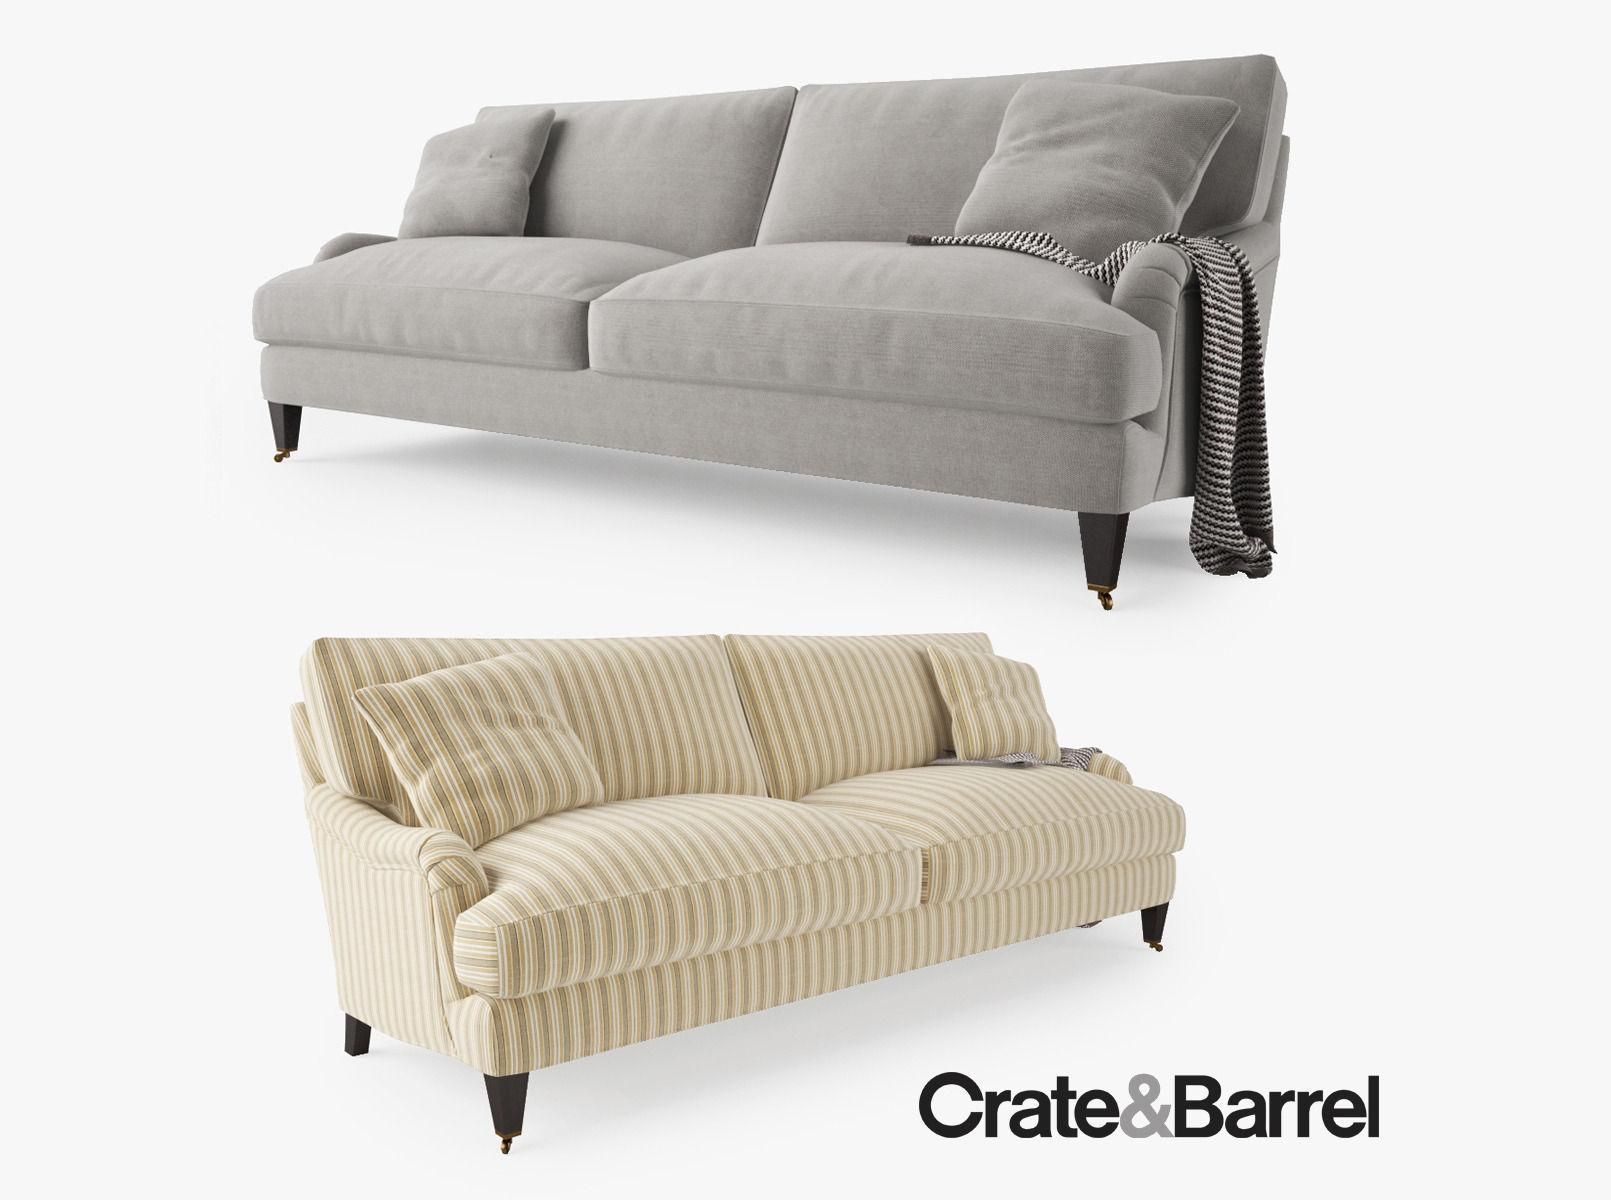 Crate And Barrel Essex Sofa With Casters 3d Model Max Obj Fbx Mtl 1 ...